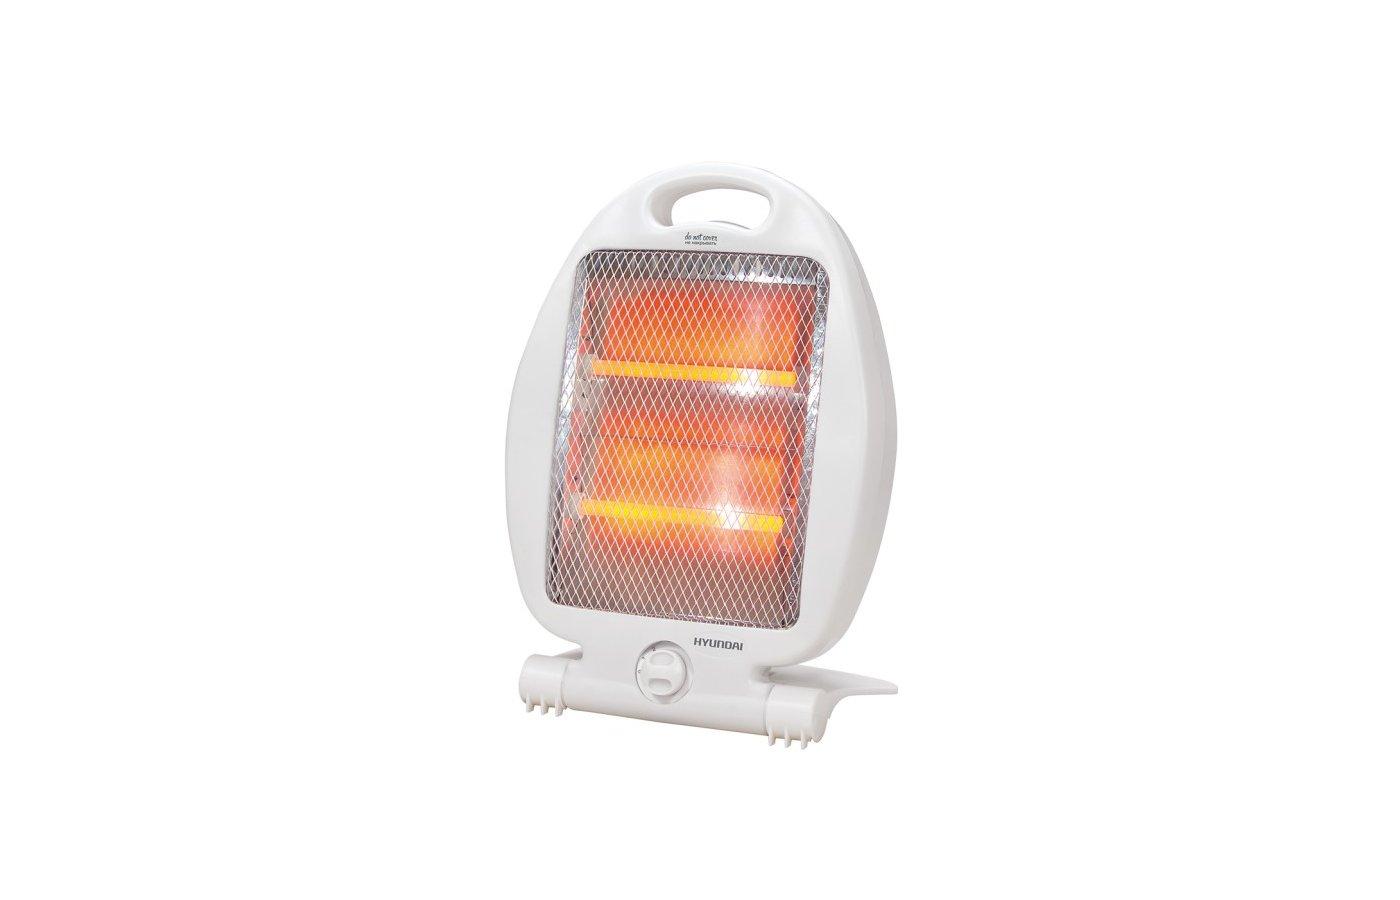 Инфракрасный кварцевый обогреватель Hyundai H-HC3-08-UI998, 800 Вт., S-10 м, белый